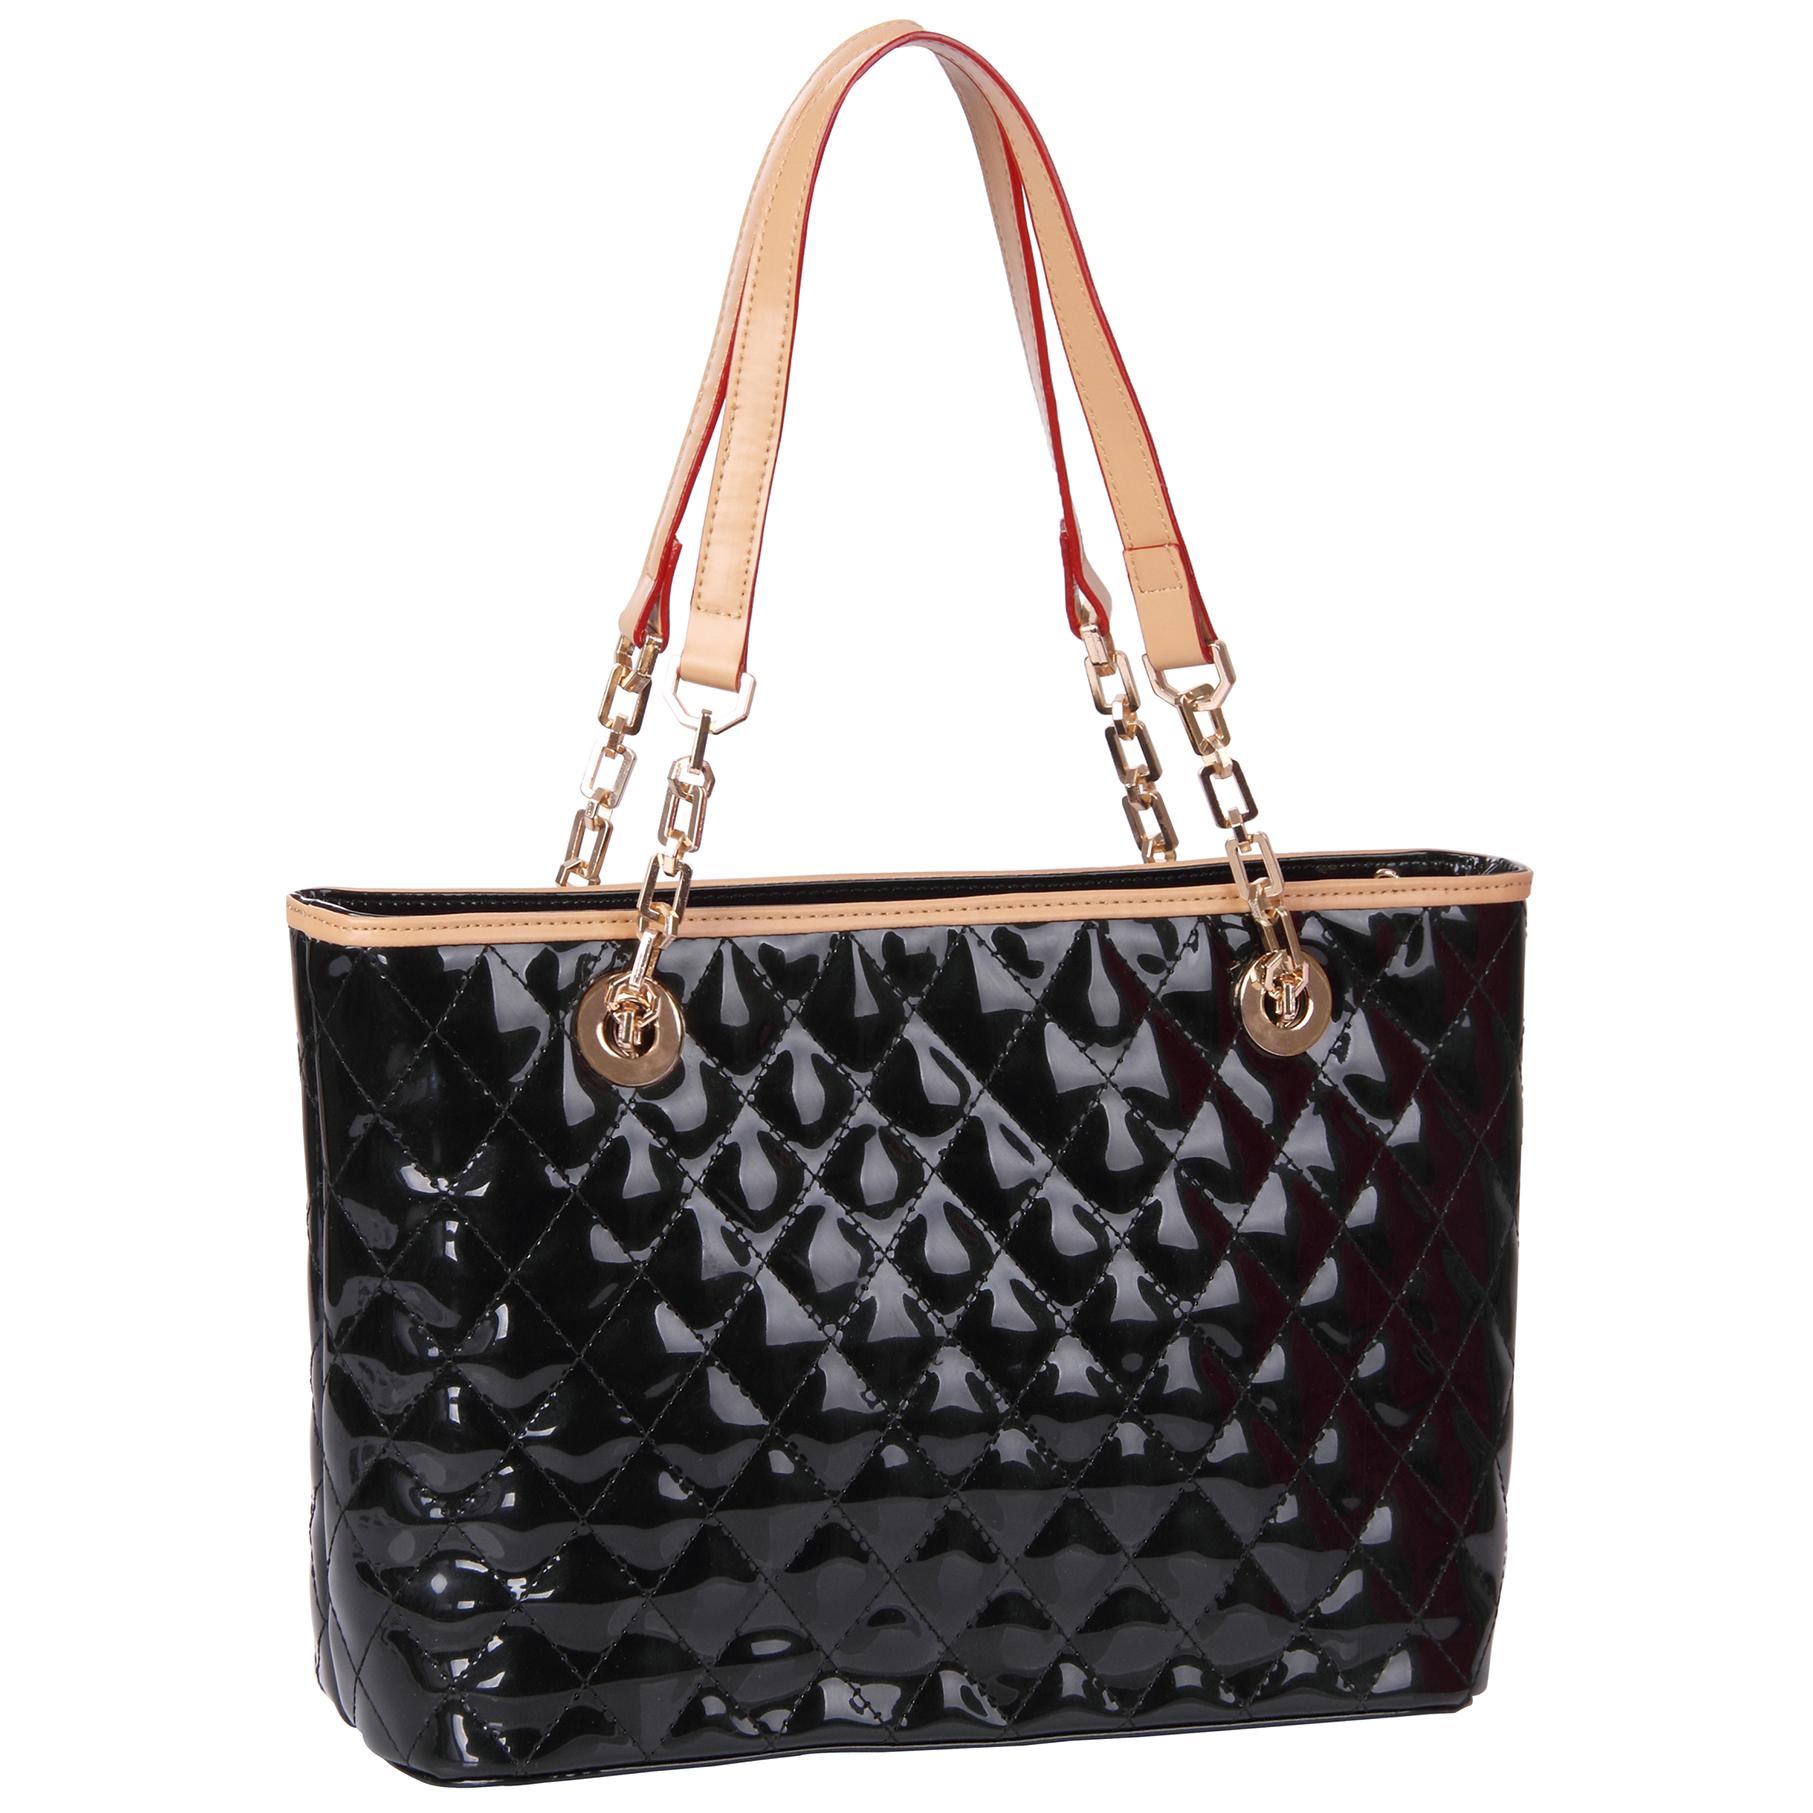 leryn black quilted patent leather designer shoulder bag tote main handbag image